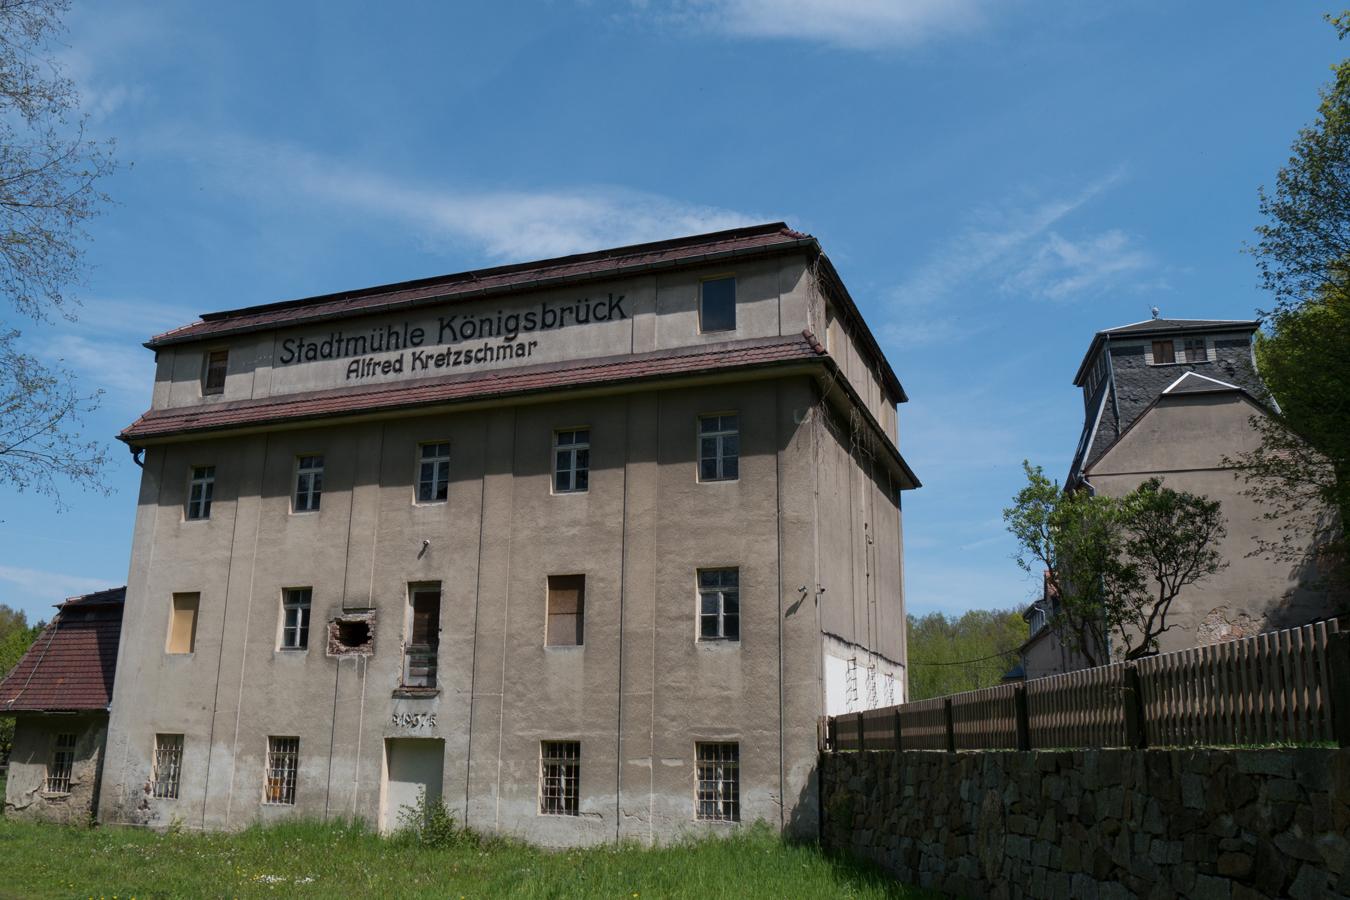 Die Stadtmühle Königsbrück